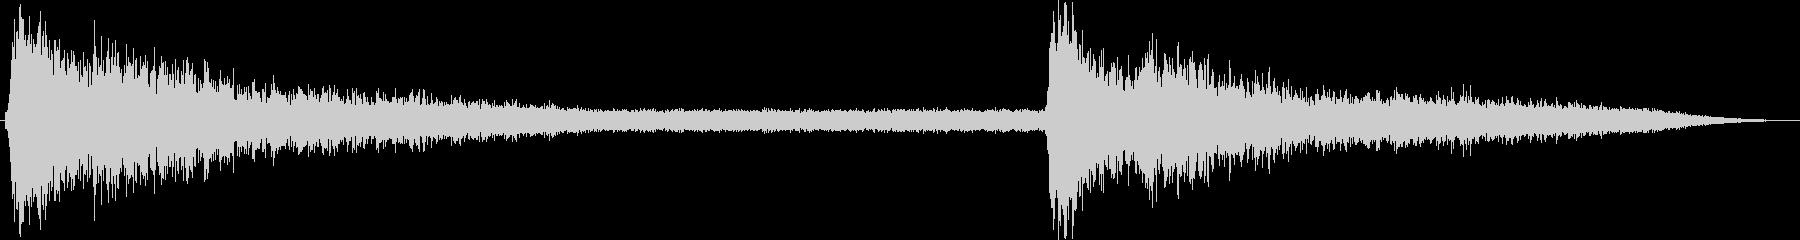 雨の音05(激しい雷雨)の未再生の波形